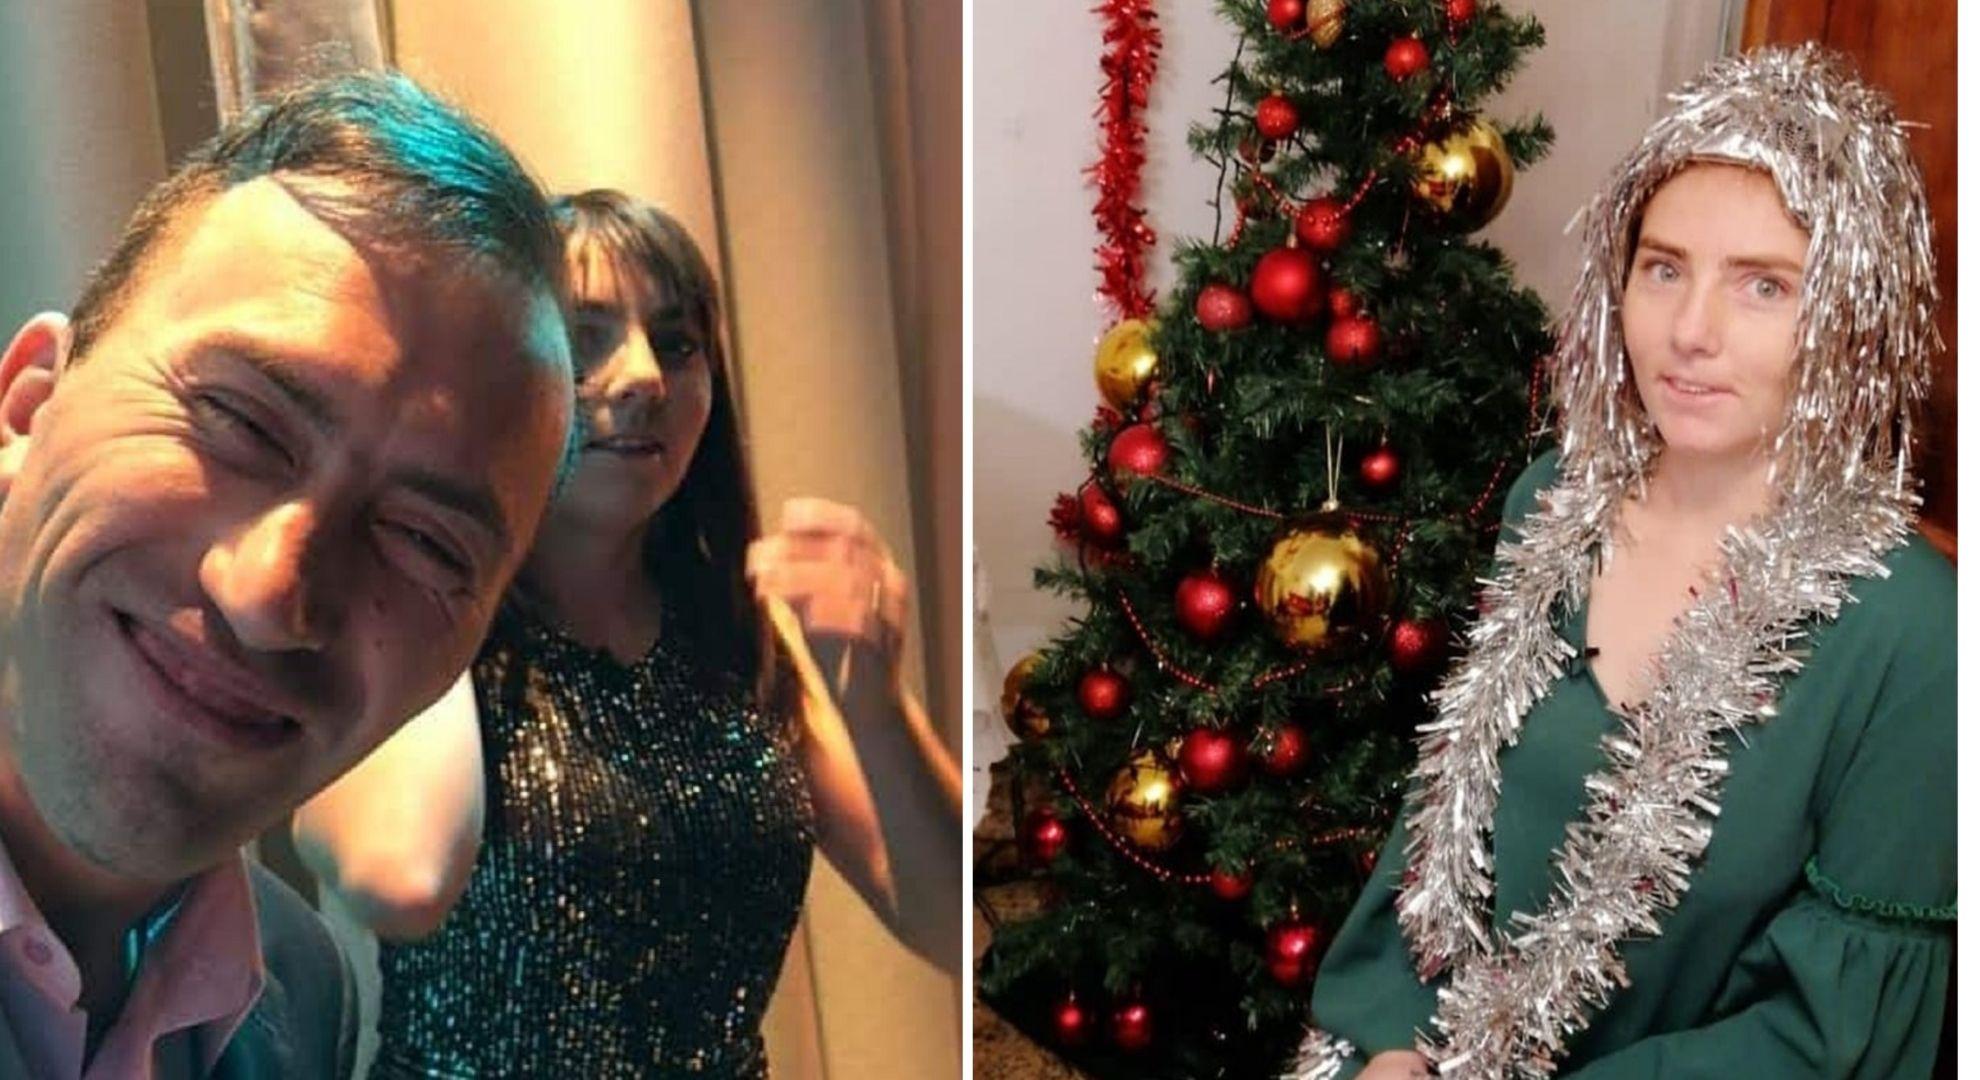 Veronica Vulpița - urare de Anul Nou pentru prietenii ei. Ce le-a transmis soția lui Viorel Stegaru